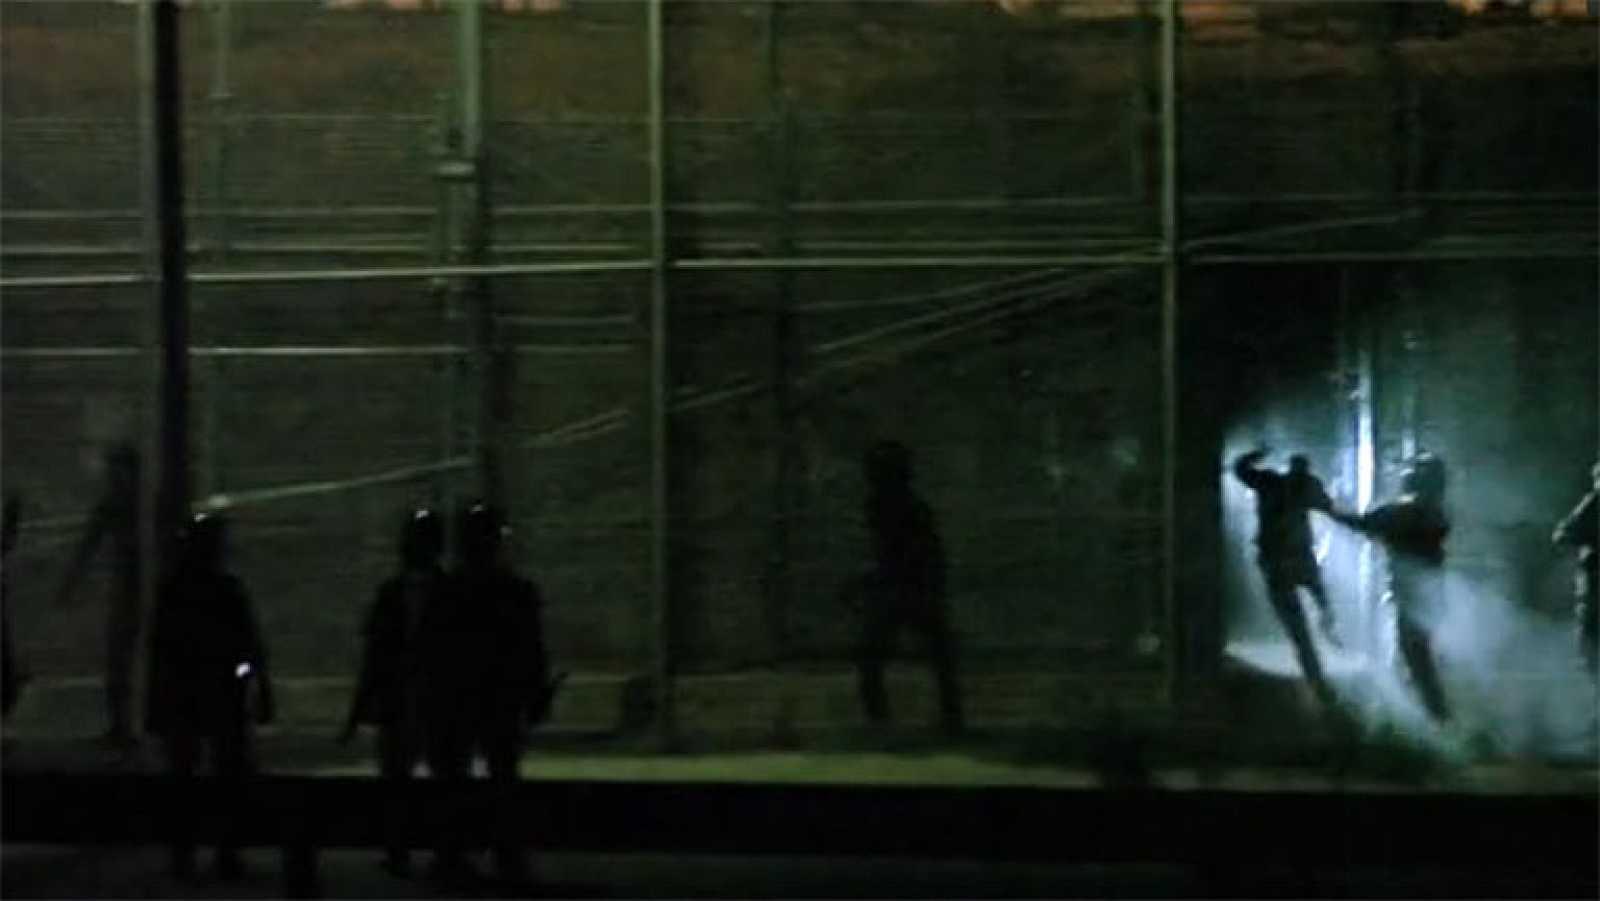 La ONG Prodein difunde un vídeo que muestra golpes a los inmigrantes en la valla de Melilla